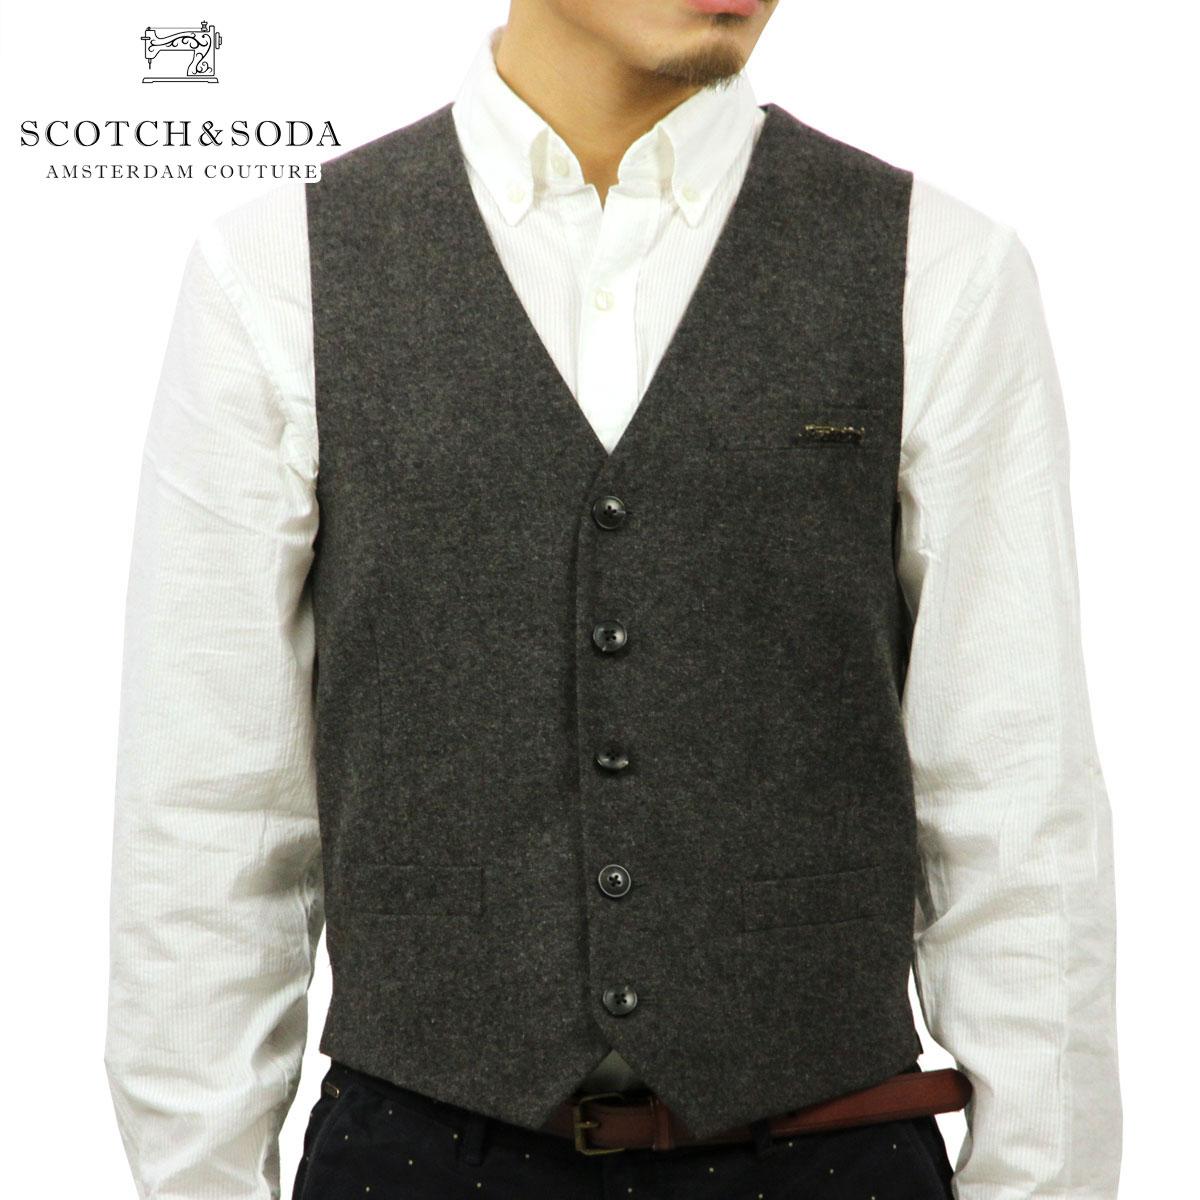 スコッチアンドソーダ SCOTCH&SODA 正規販売店 メンズ ベスト NEPS WOOL CLASSIC GILET 139497 0217 42604 COMBO A